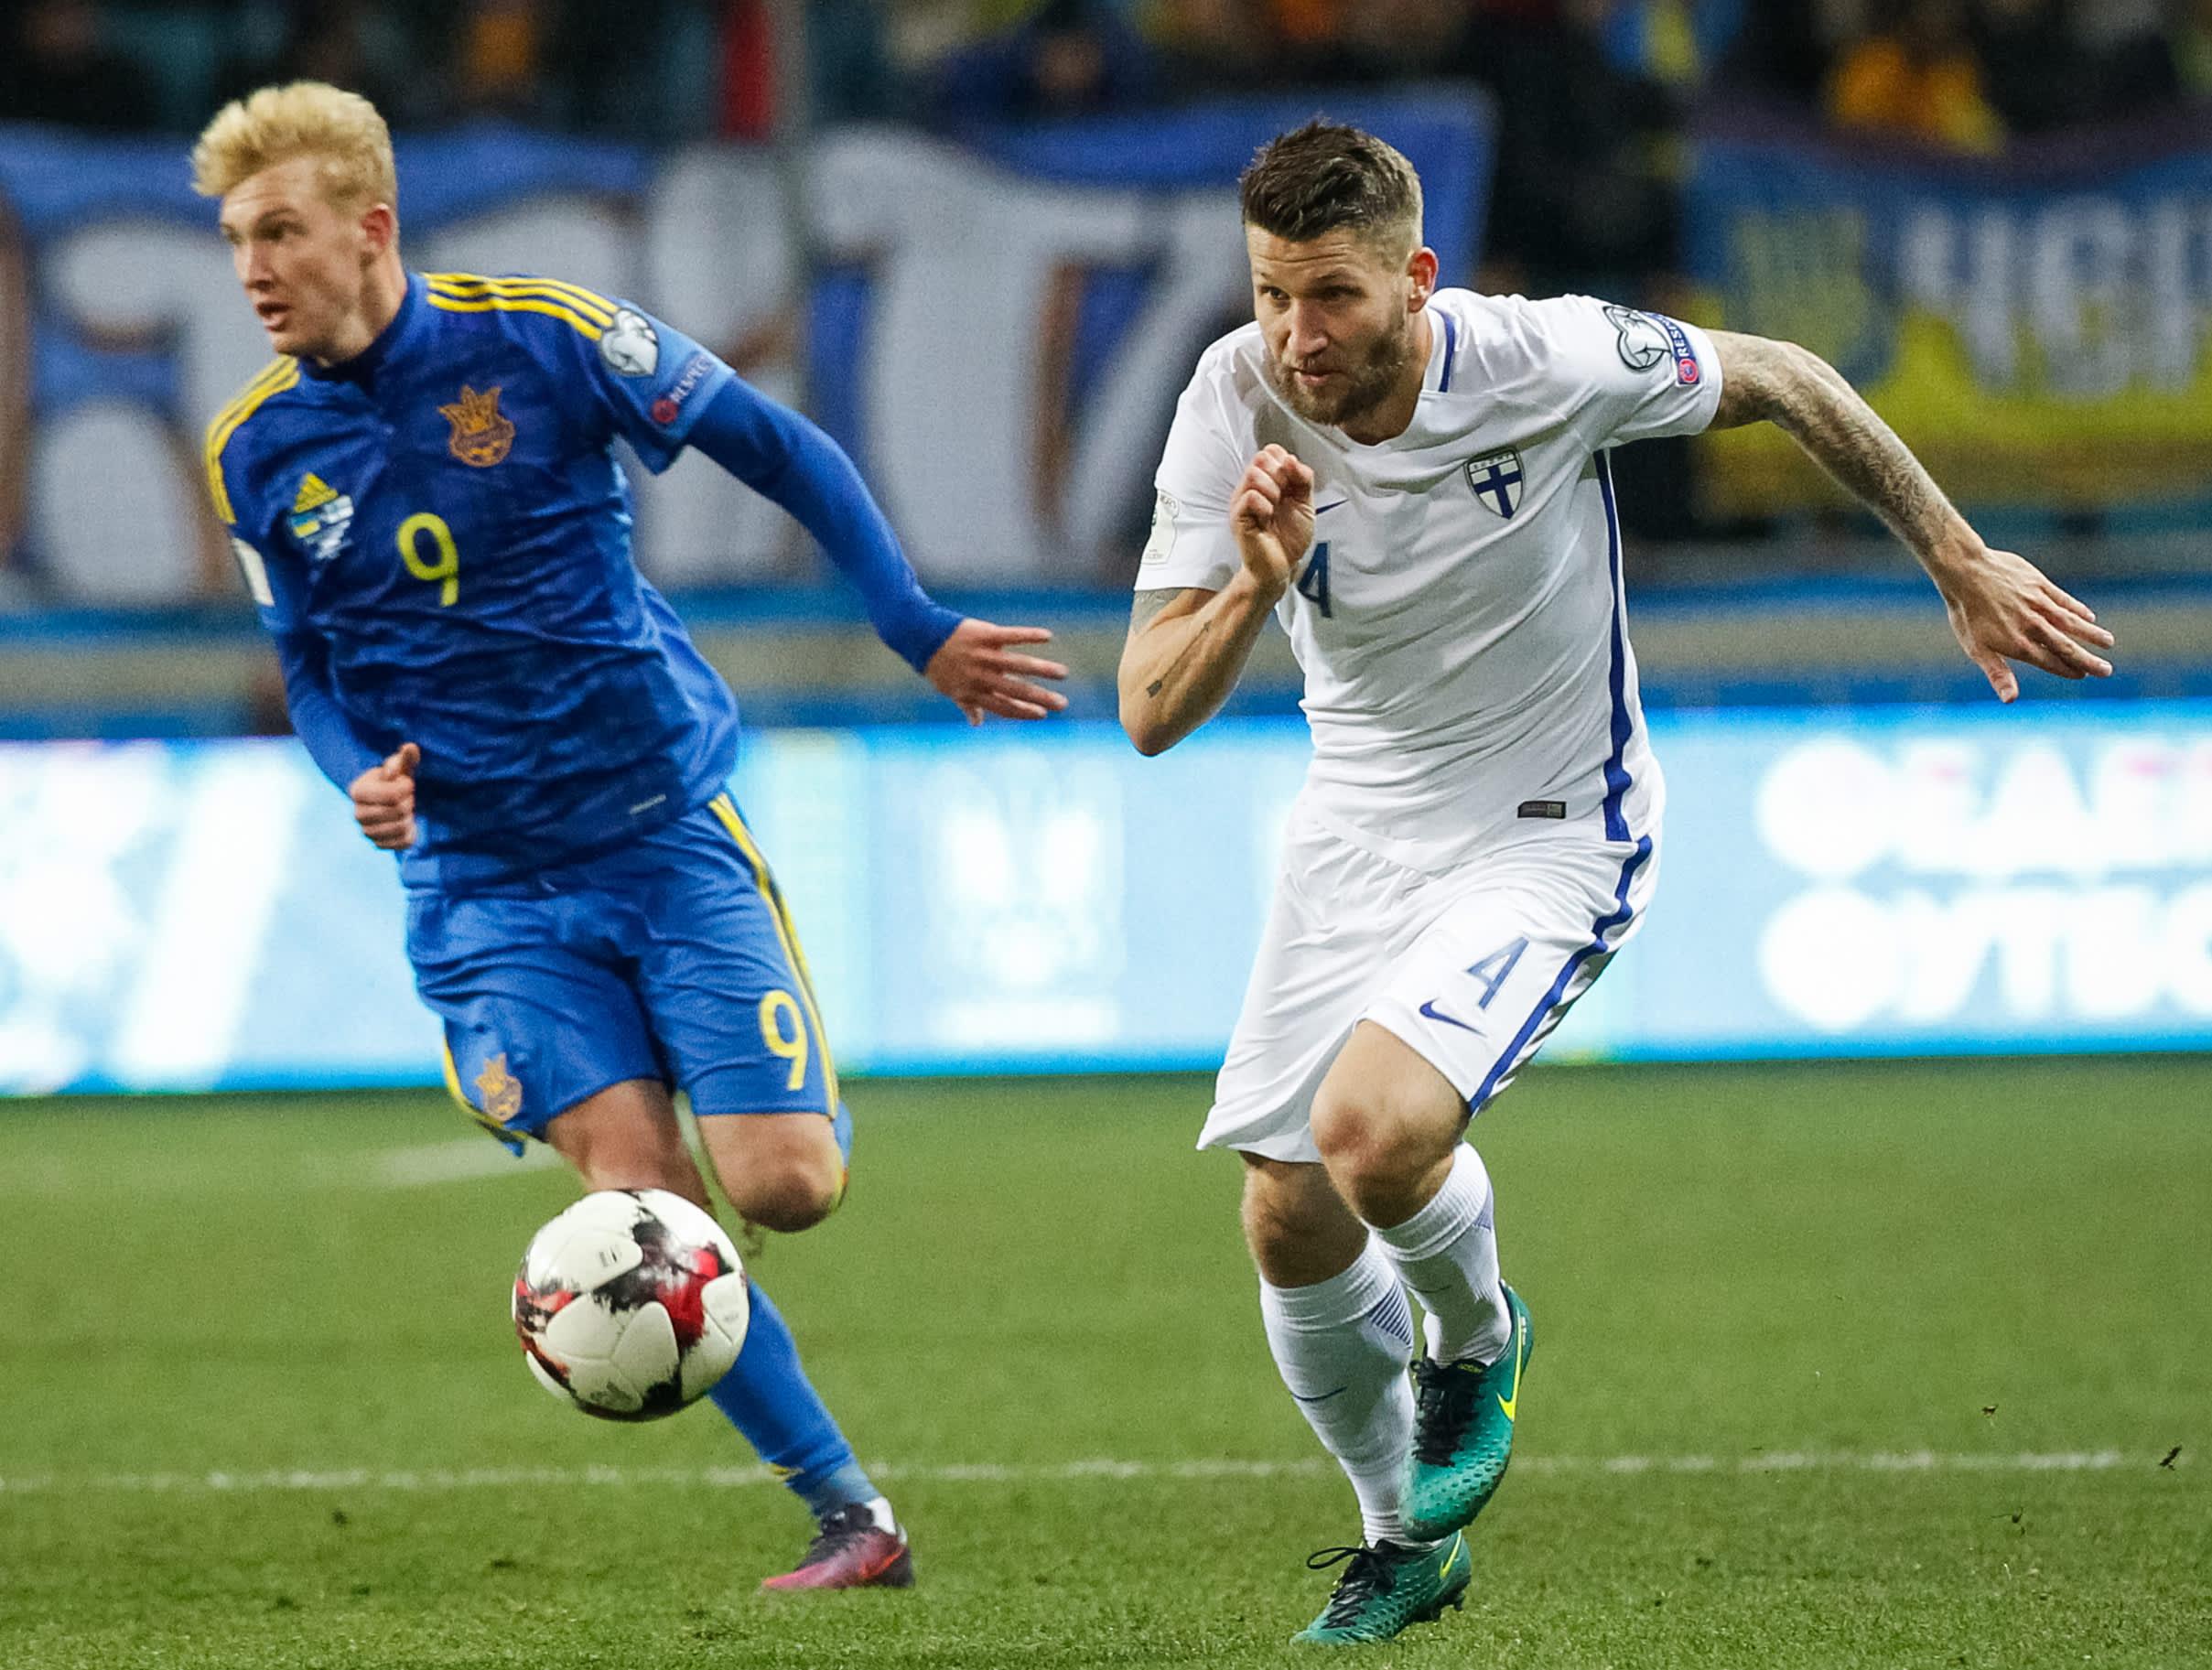 Huuhkajien Joona Toivio ja Ukrainan Viktor Kovalenko juoksevat pallon perässä.